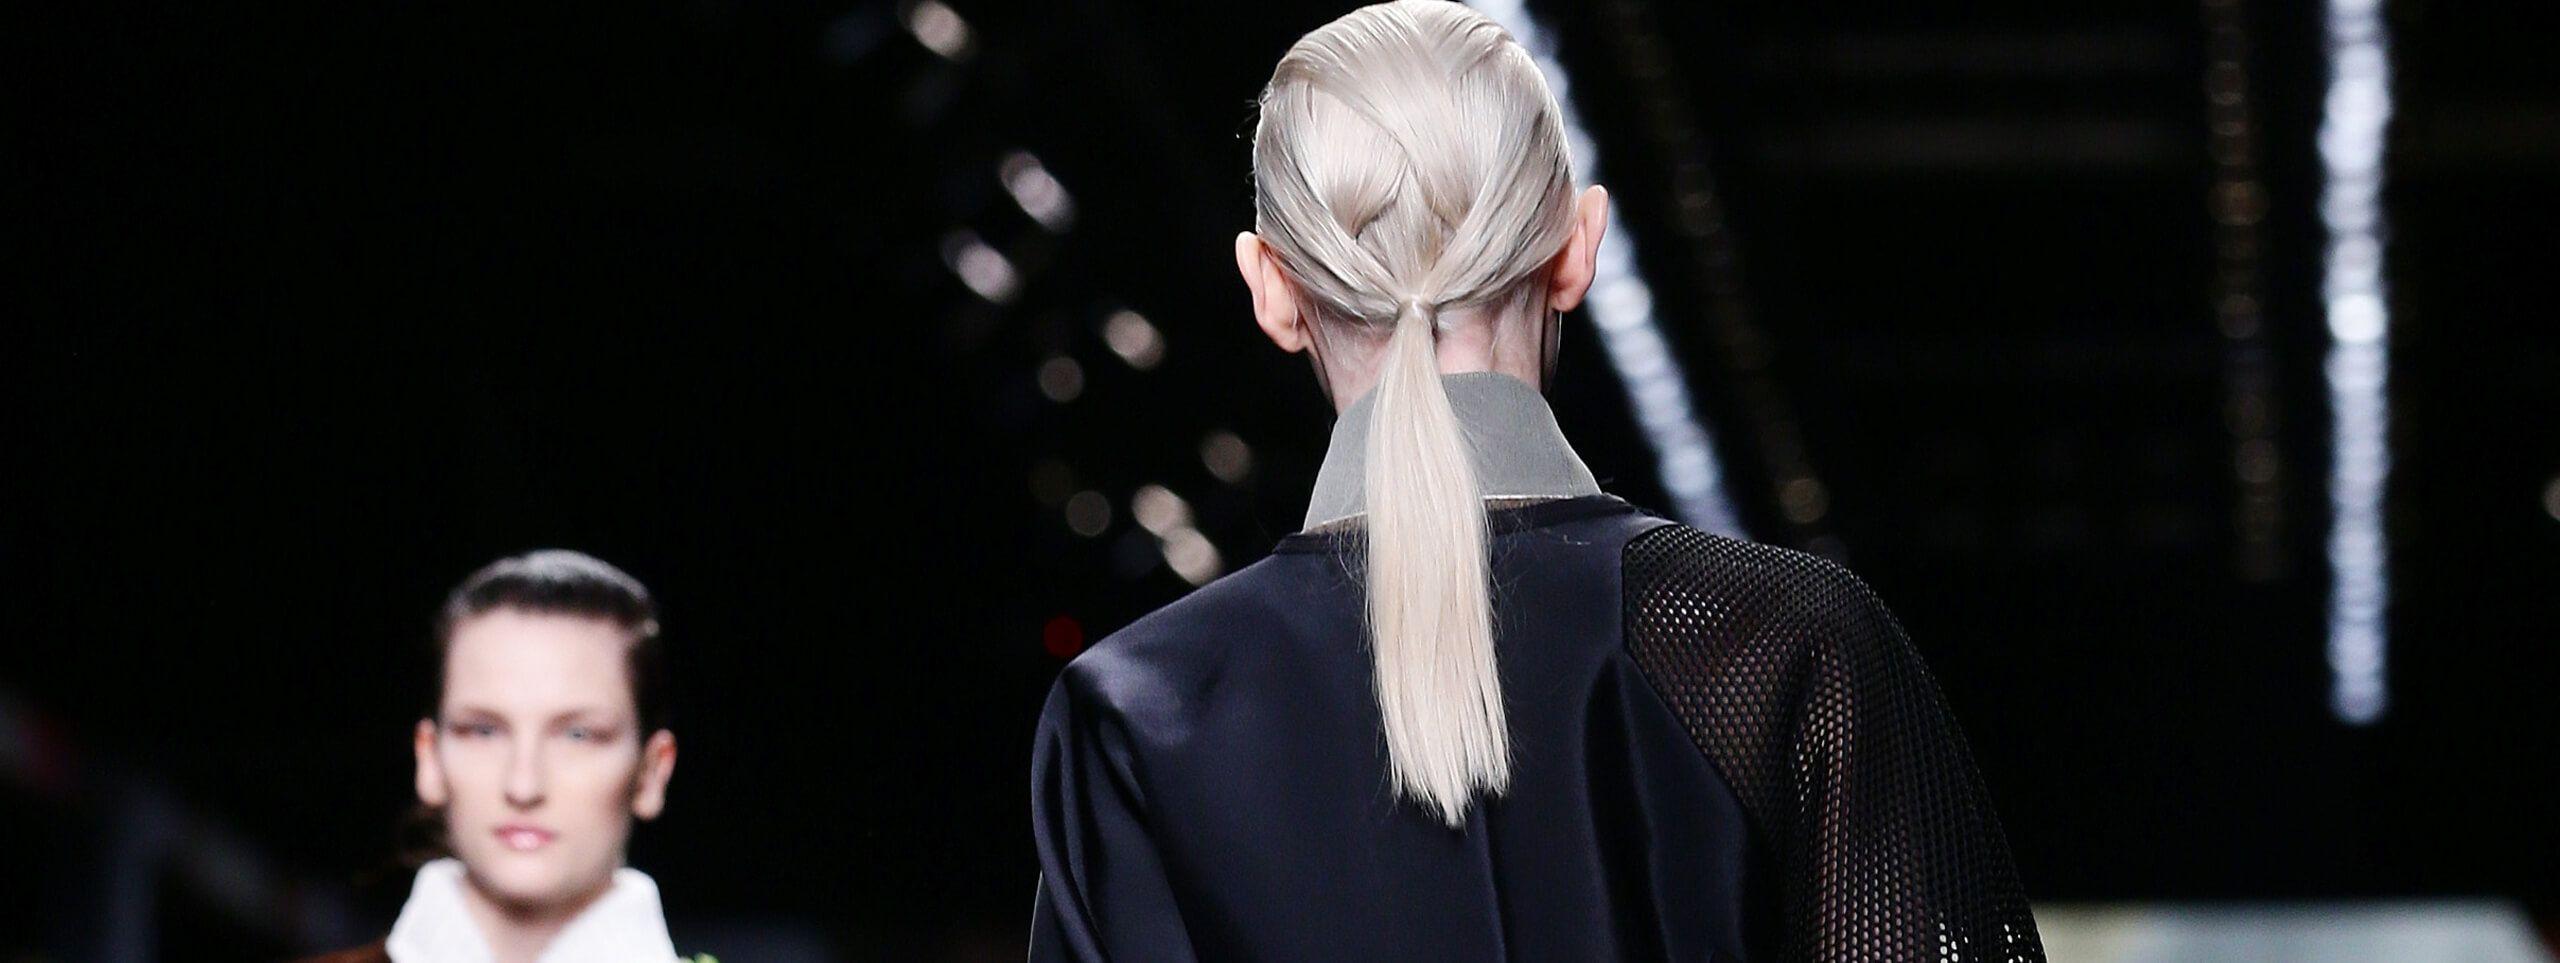 Modelka z blond końskim ogonem